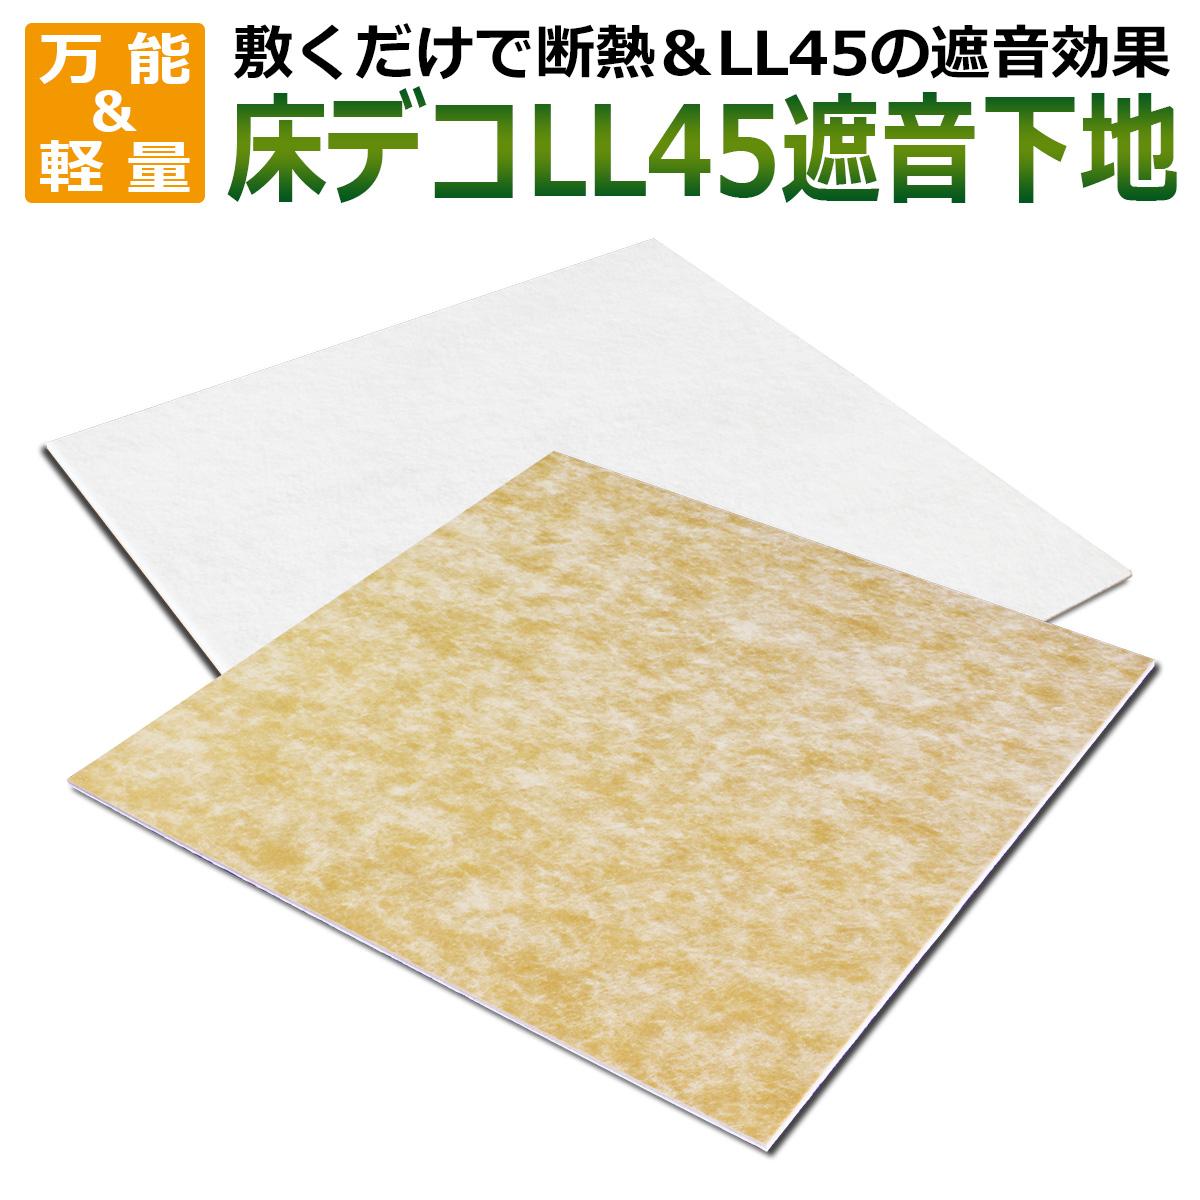 万能&軽量 敷くだけで断熱&LL45の遮音効果 床デコLL45遮音下地材